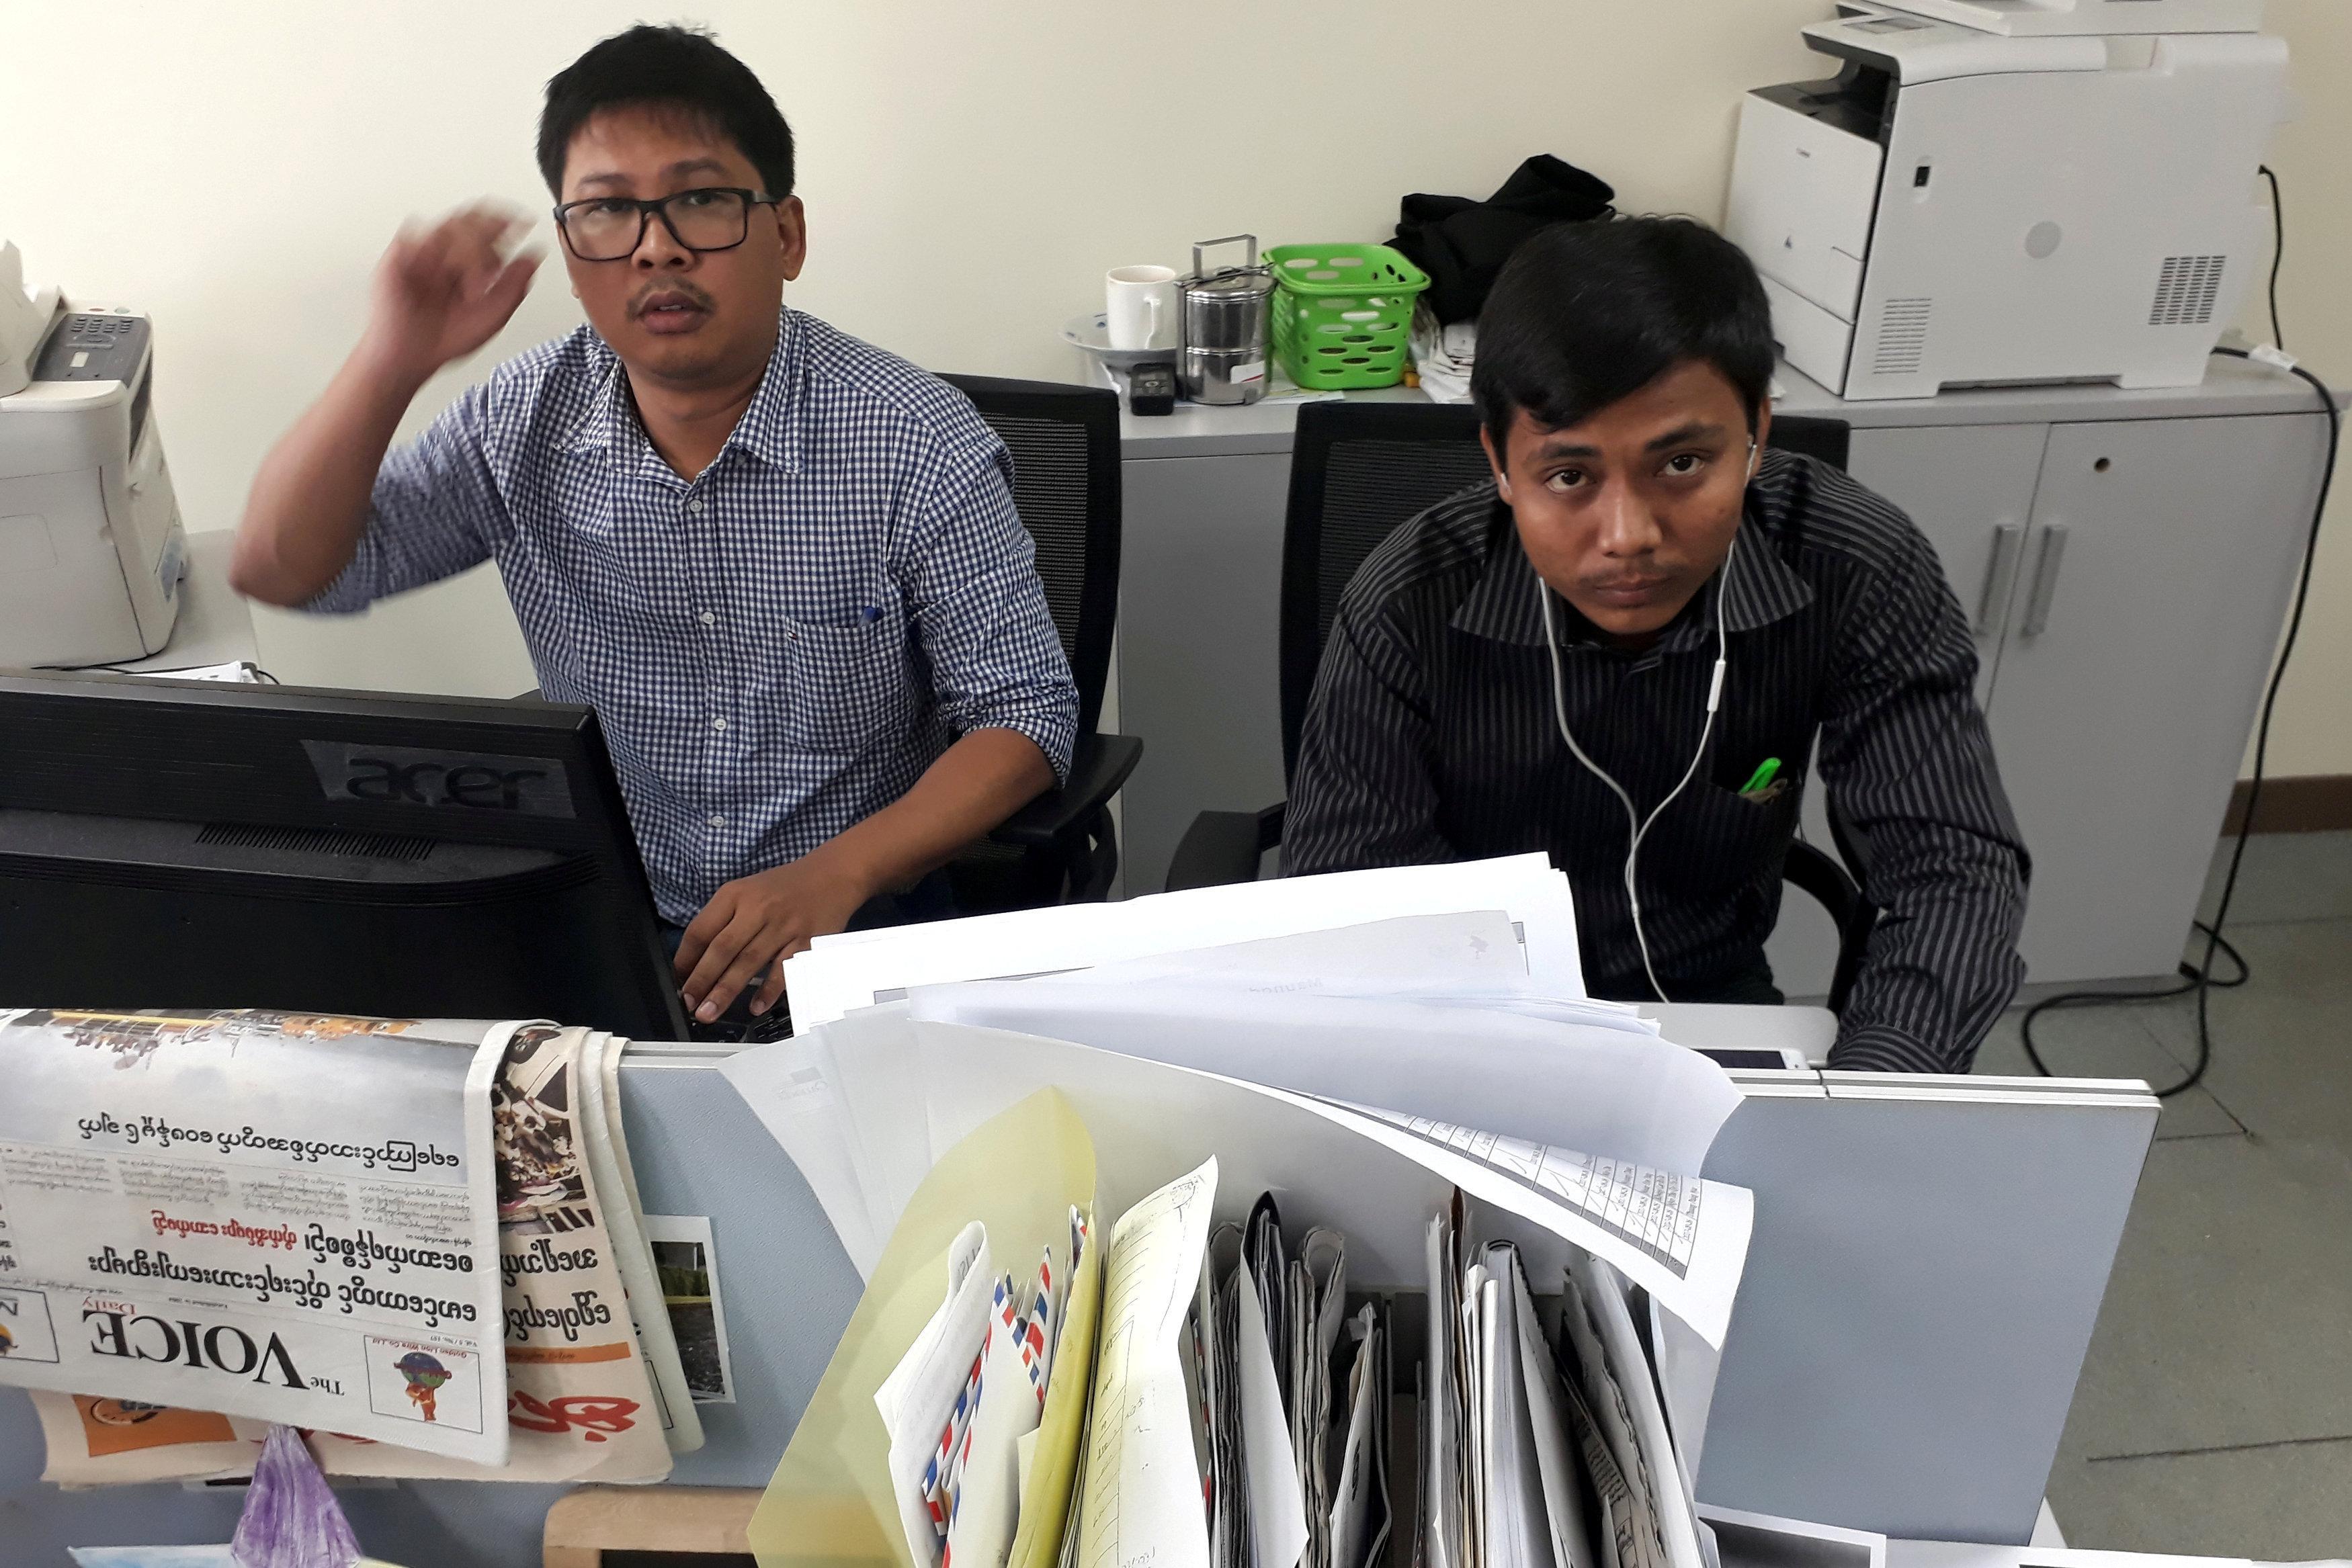 Factbox - International reaction to arrest of Reuters reporters in Myanmar